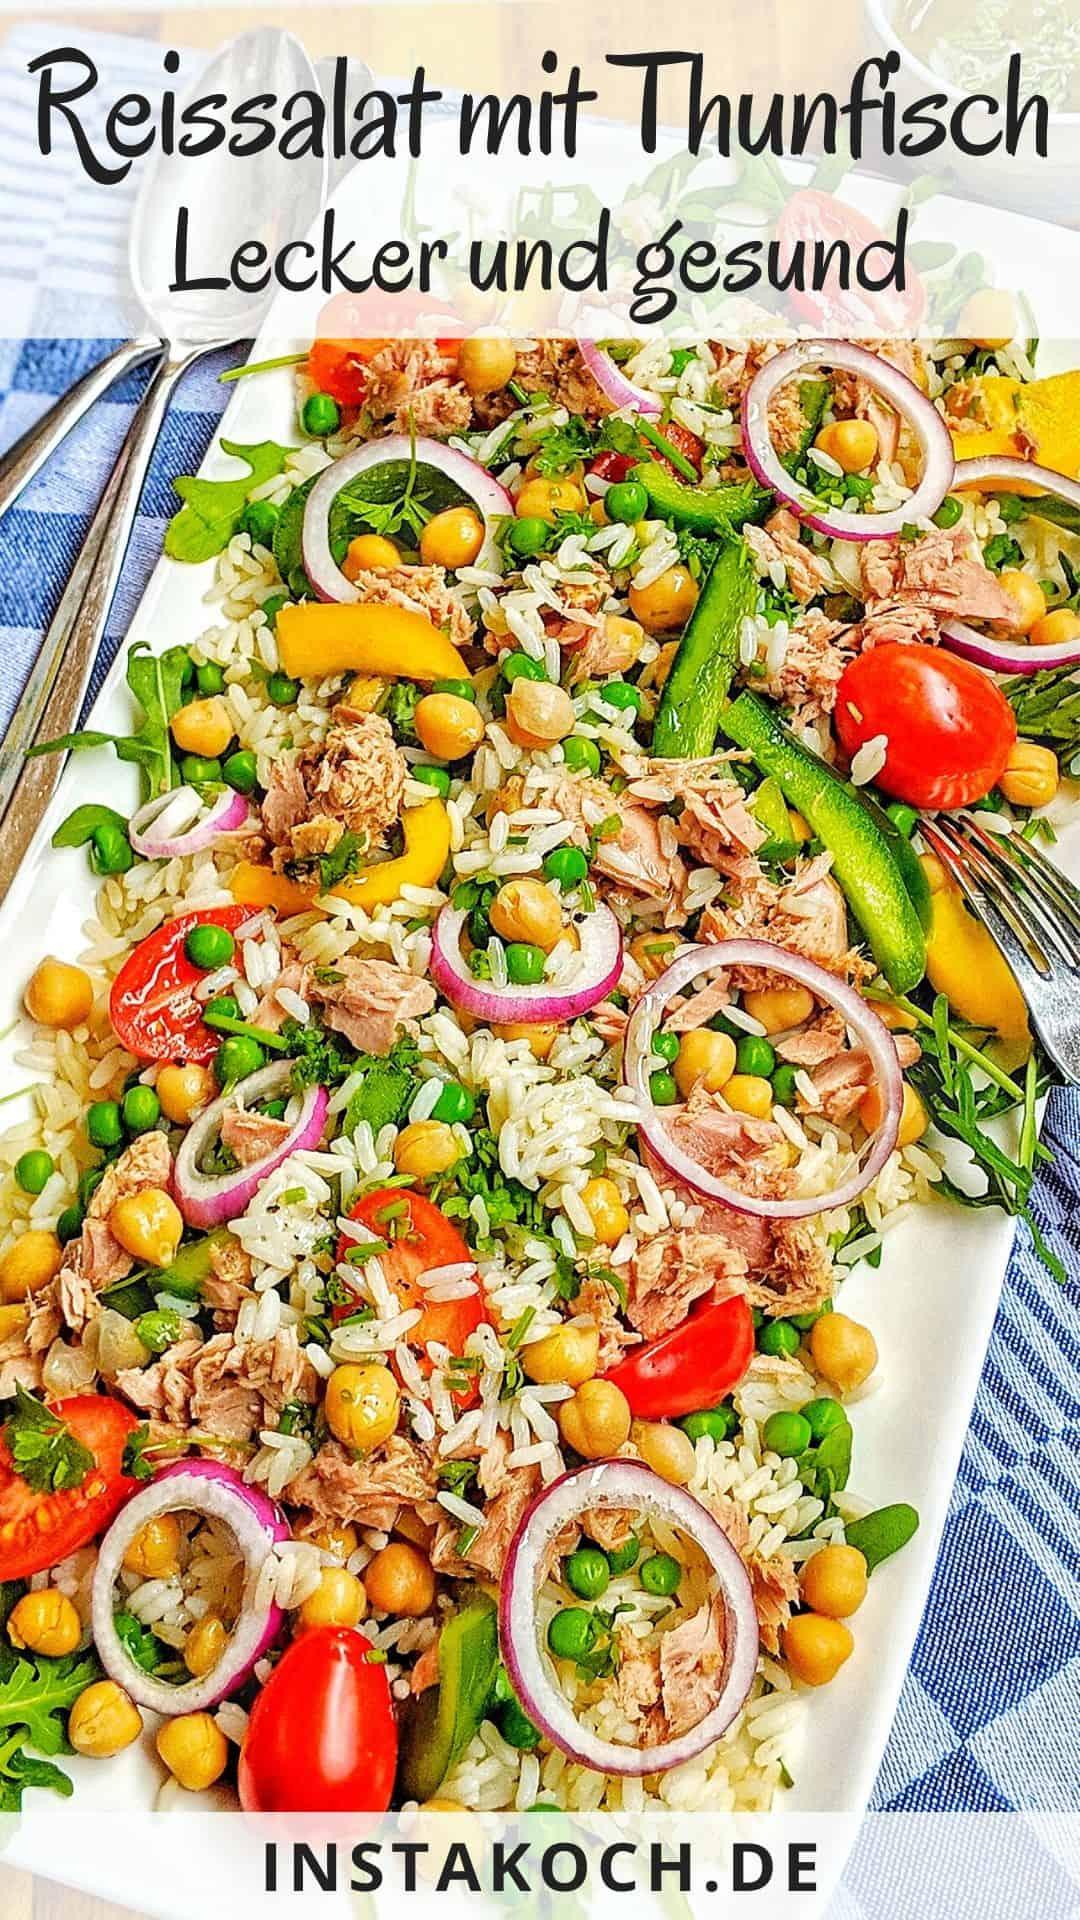 Eine Servierplatte mit Reissalat.